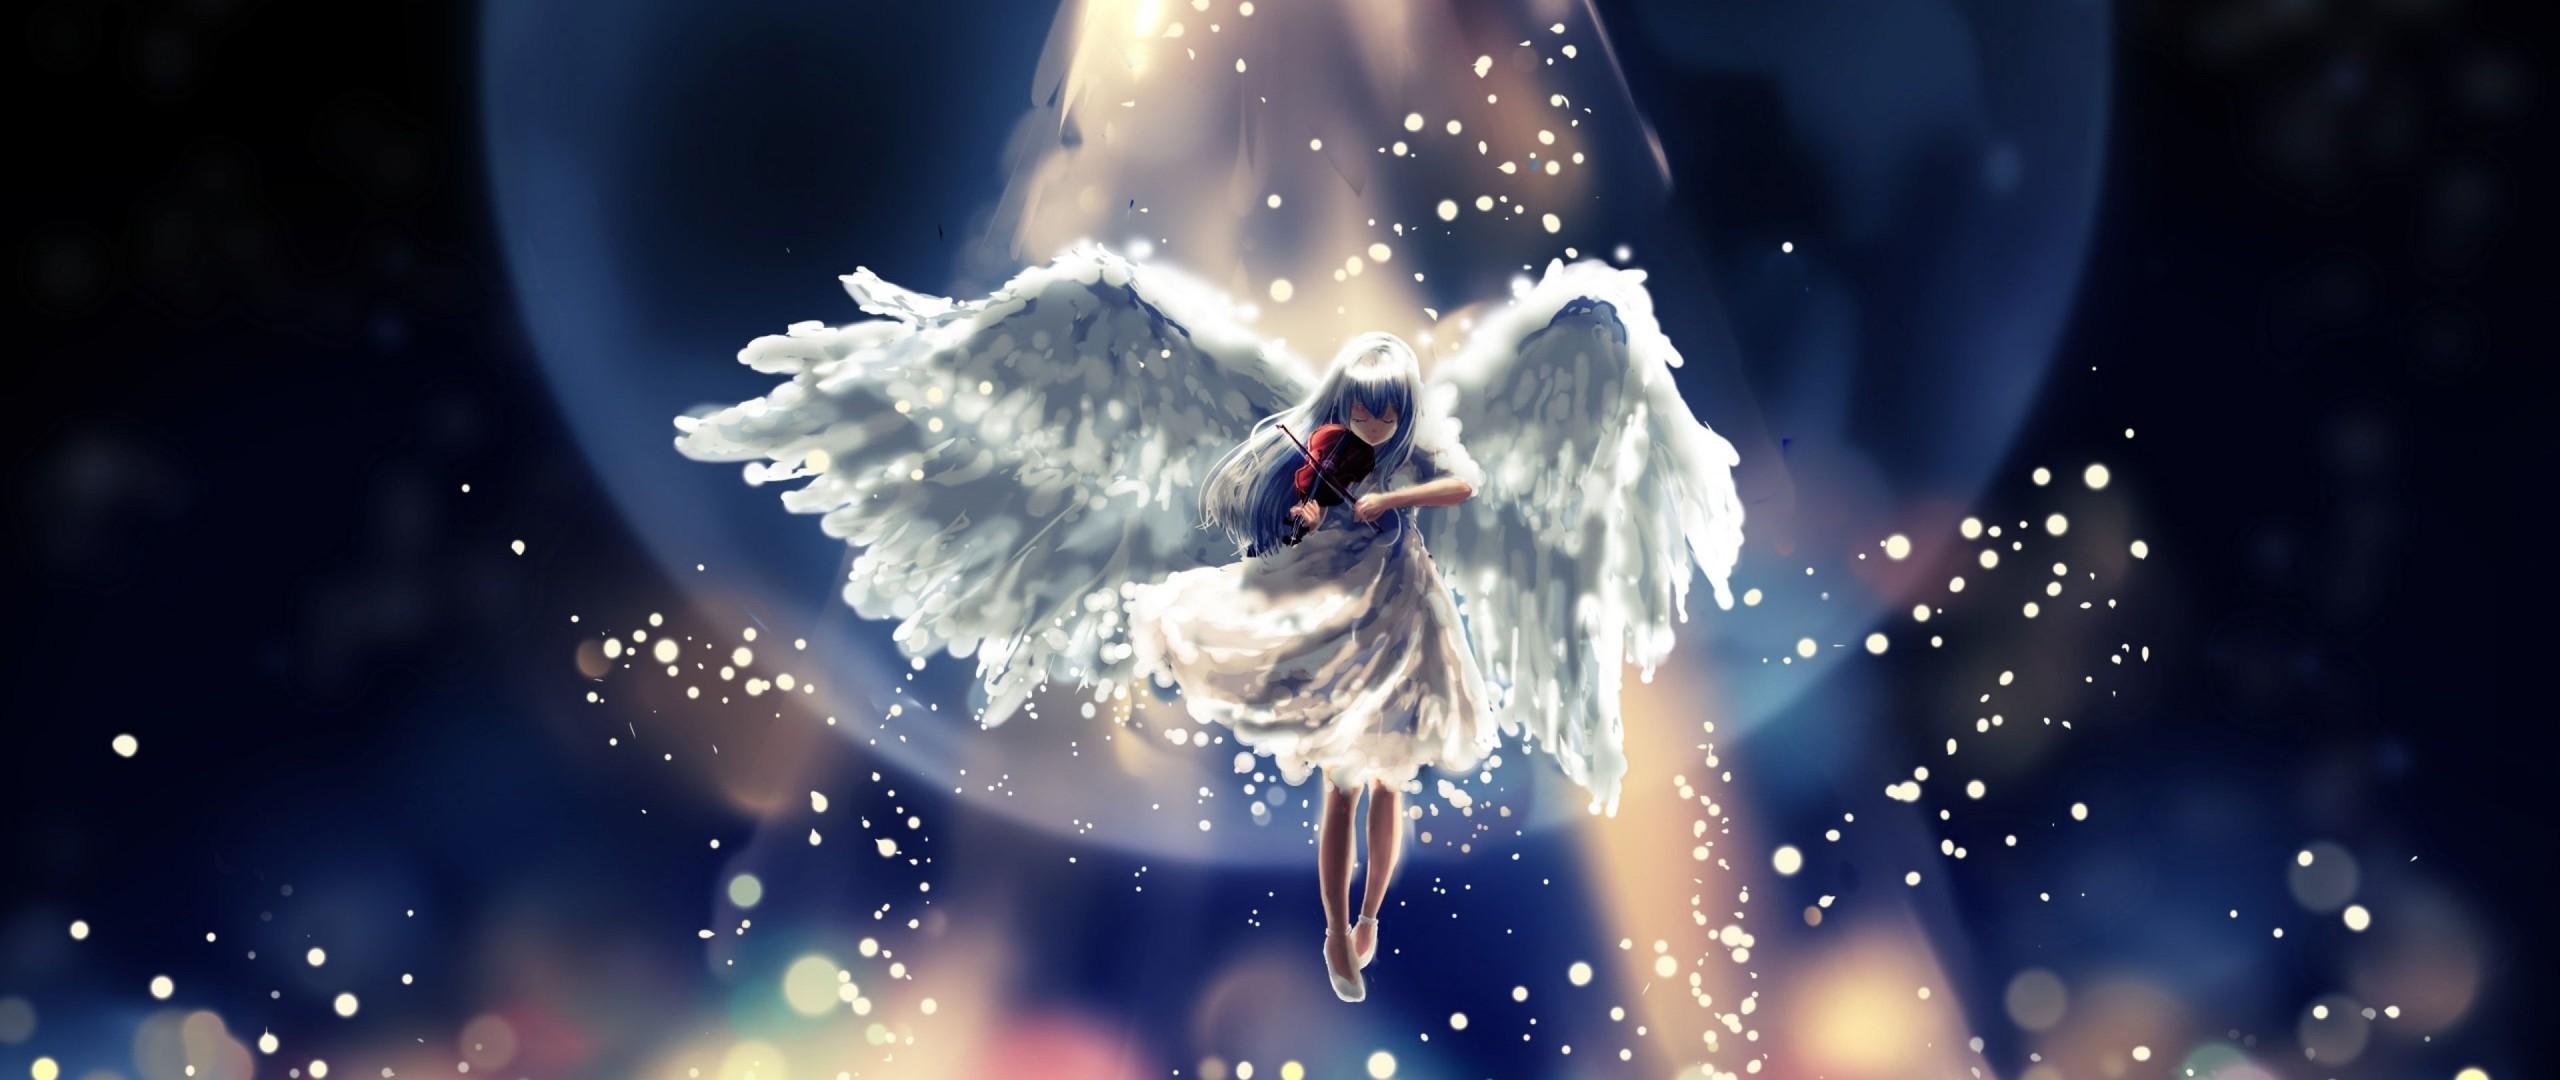 angel-wings.jpg